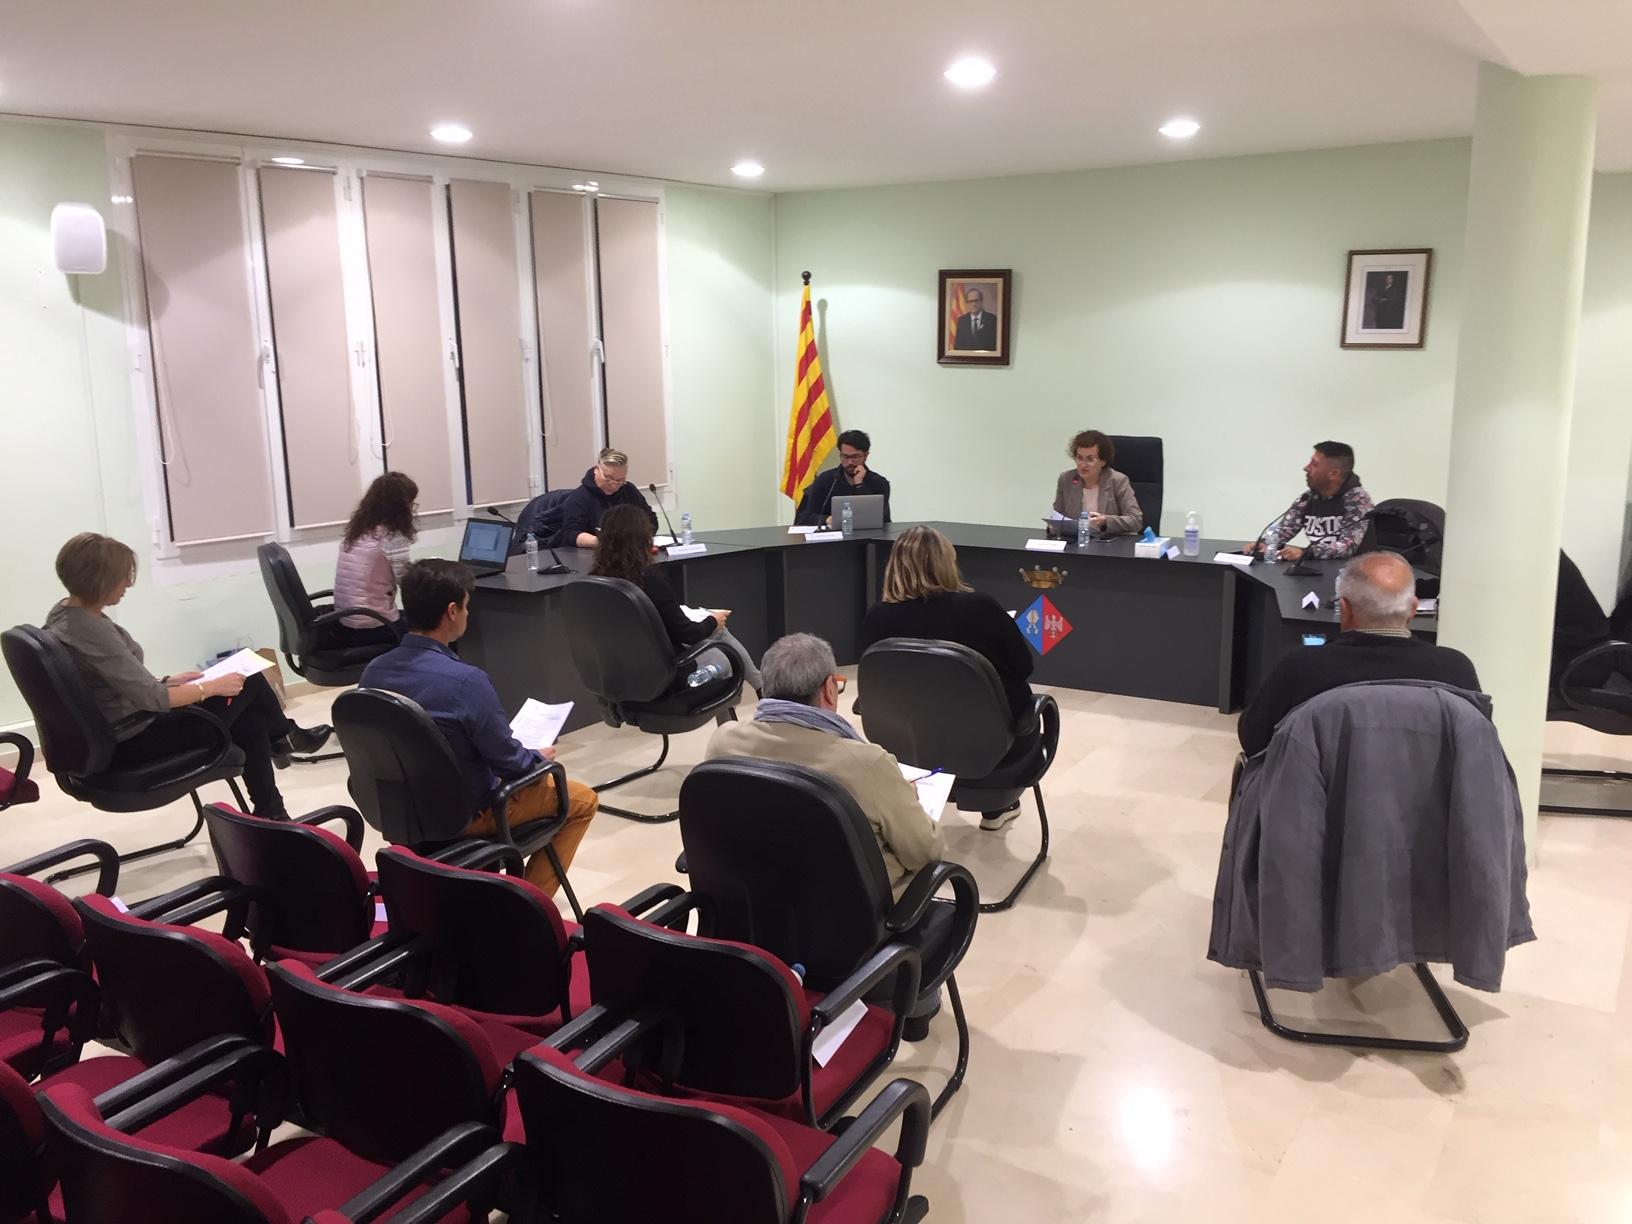 El dilluns 16 de març es va celebrar el Ple Ordinari de l'Ajuntament de la Bisbal del Penedès